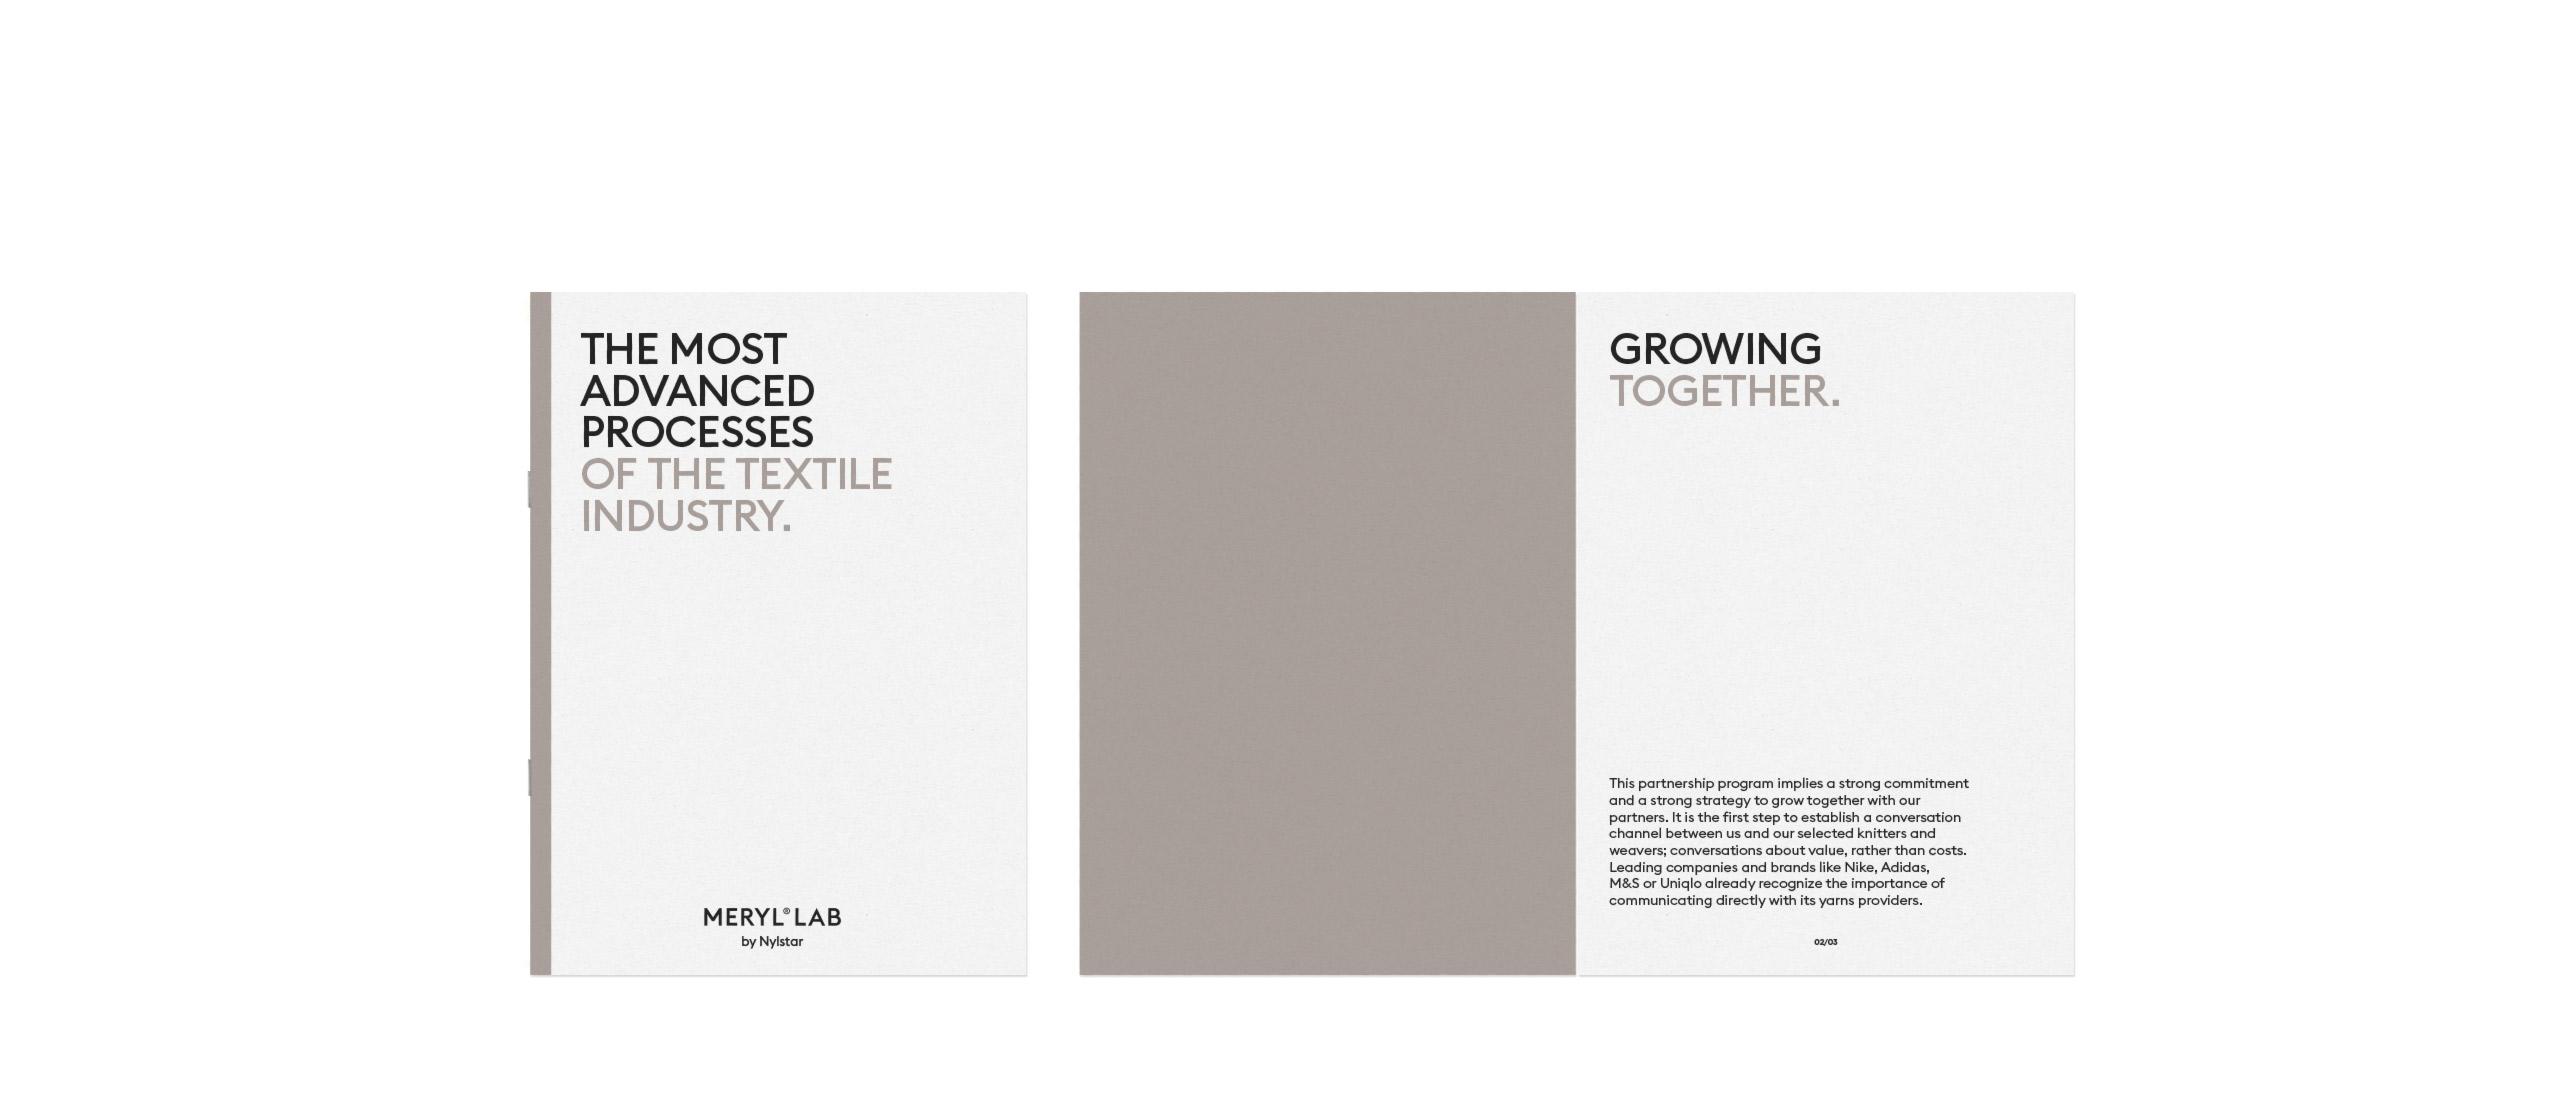 Fase, estudio de diseño gráfico. Identidad corporativa Meryl. Dossier empresa.